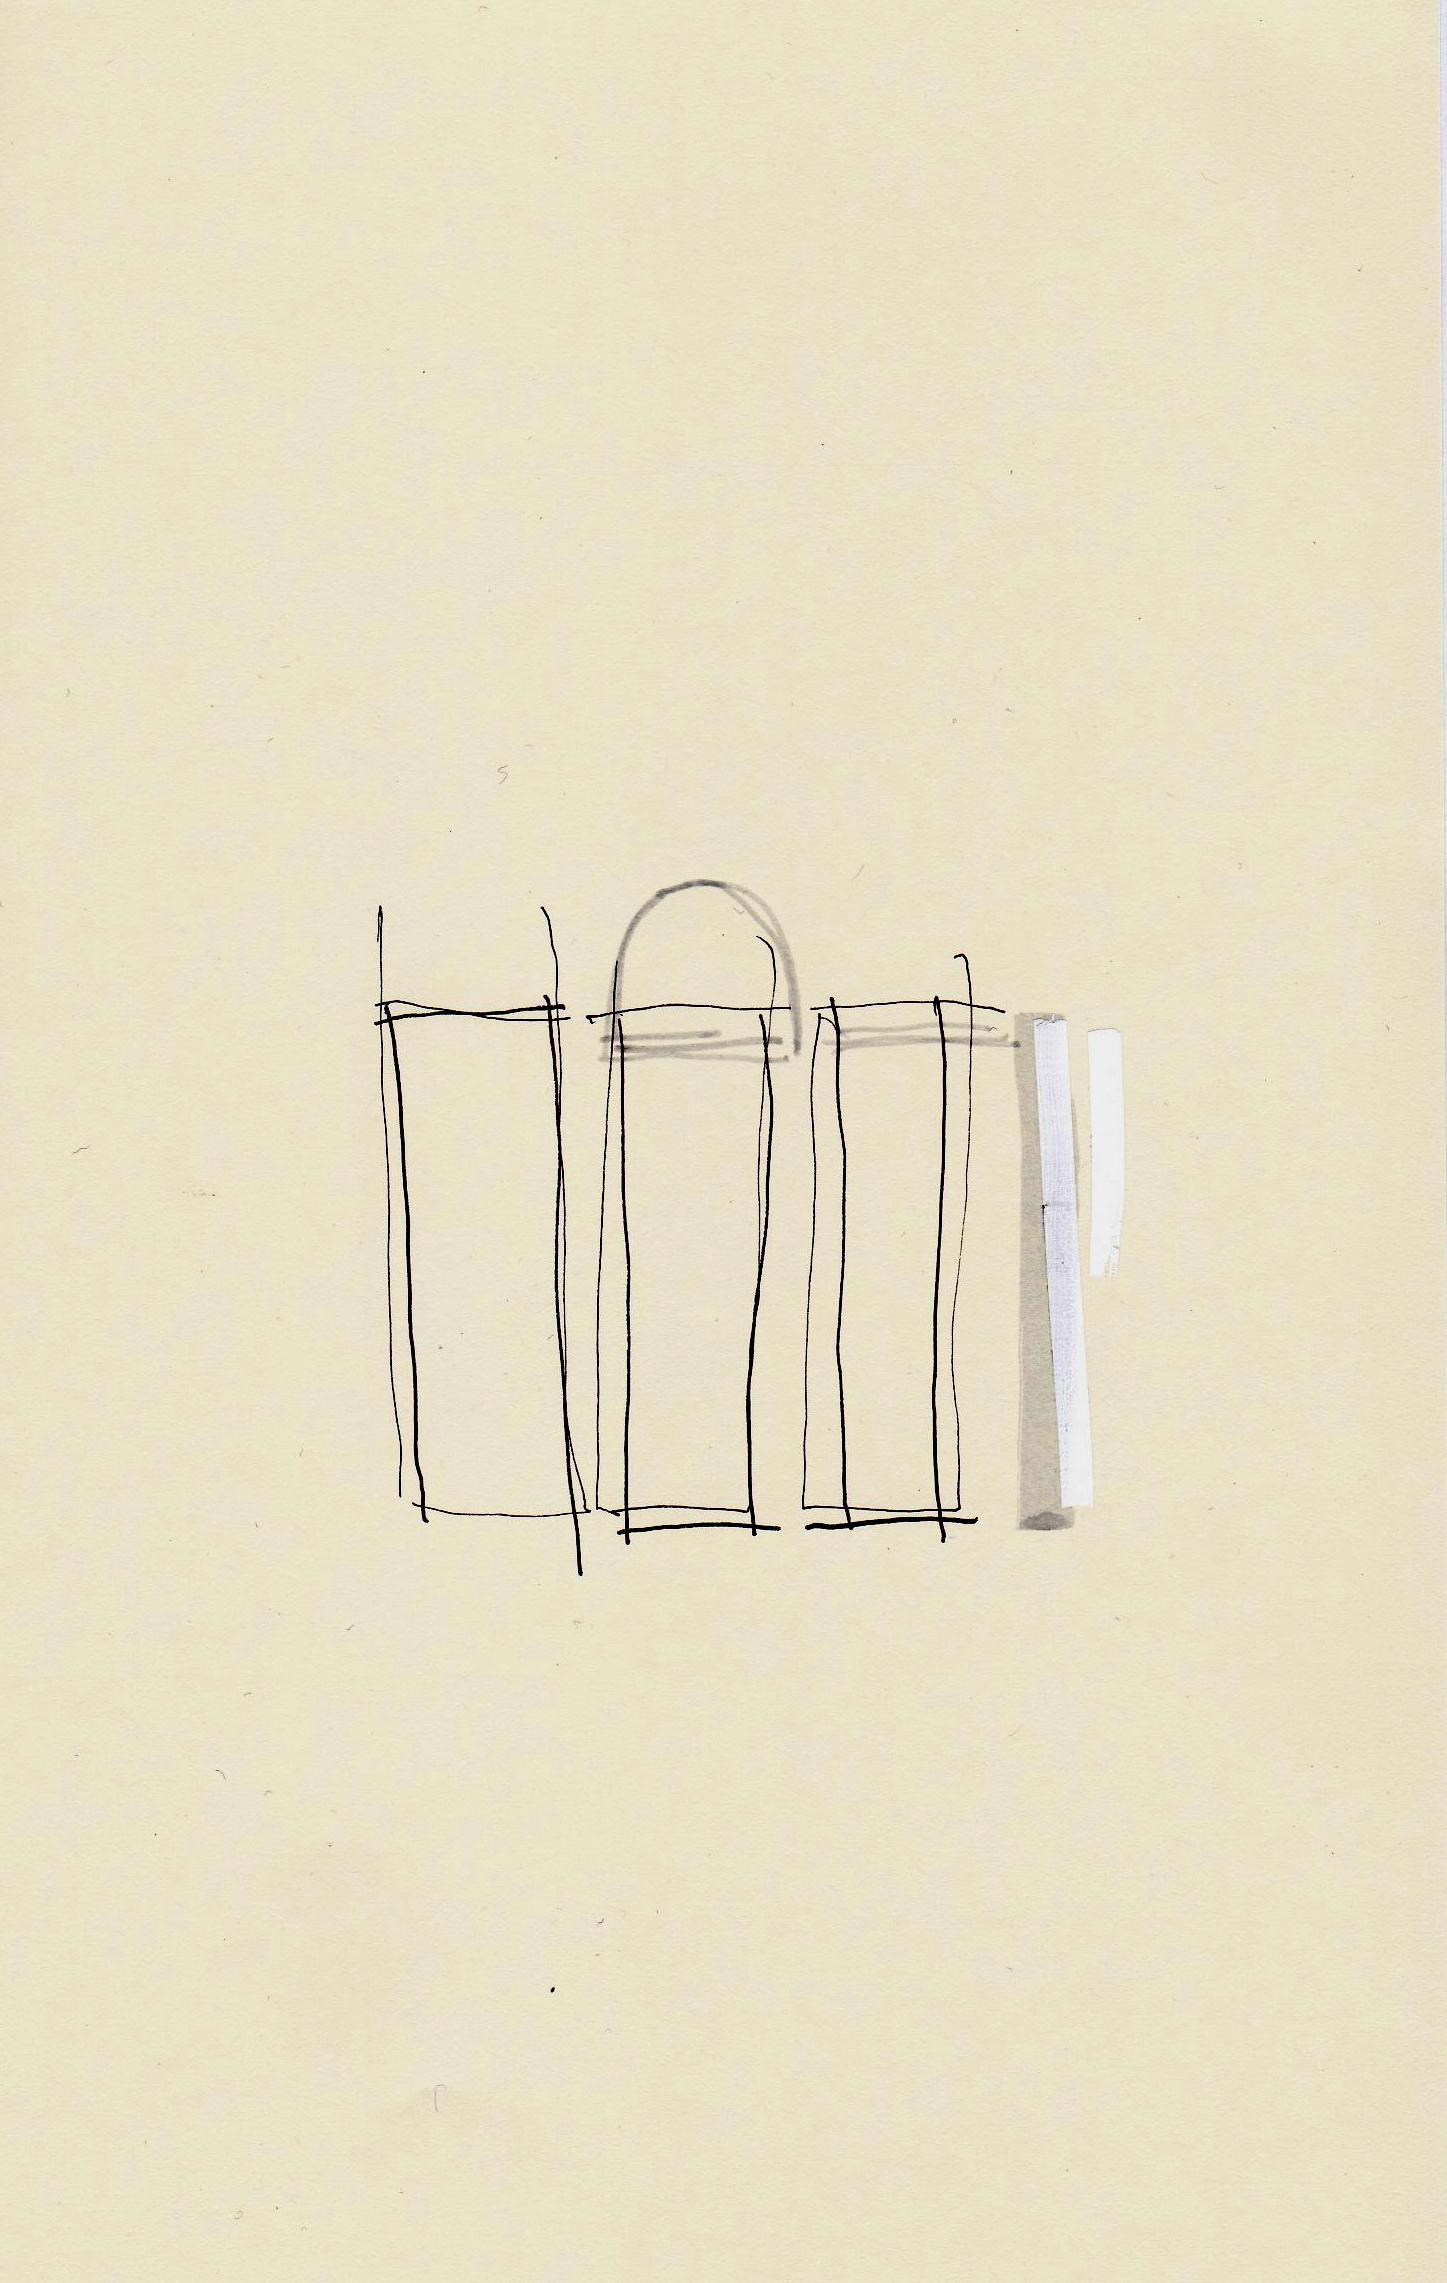 L. CHAOUAT Carnet 1.6 21x29 cm